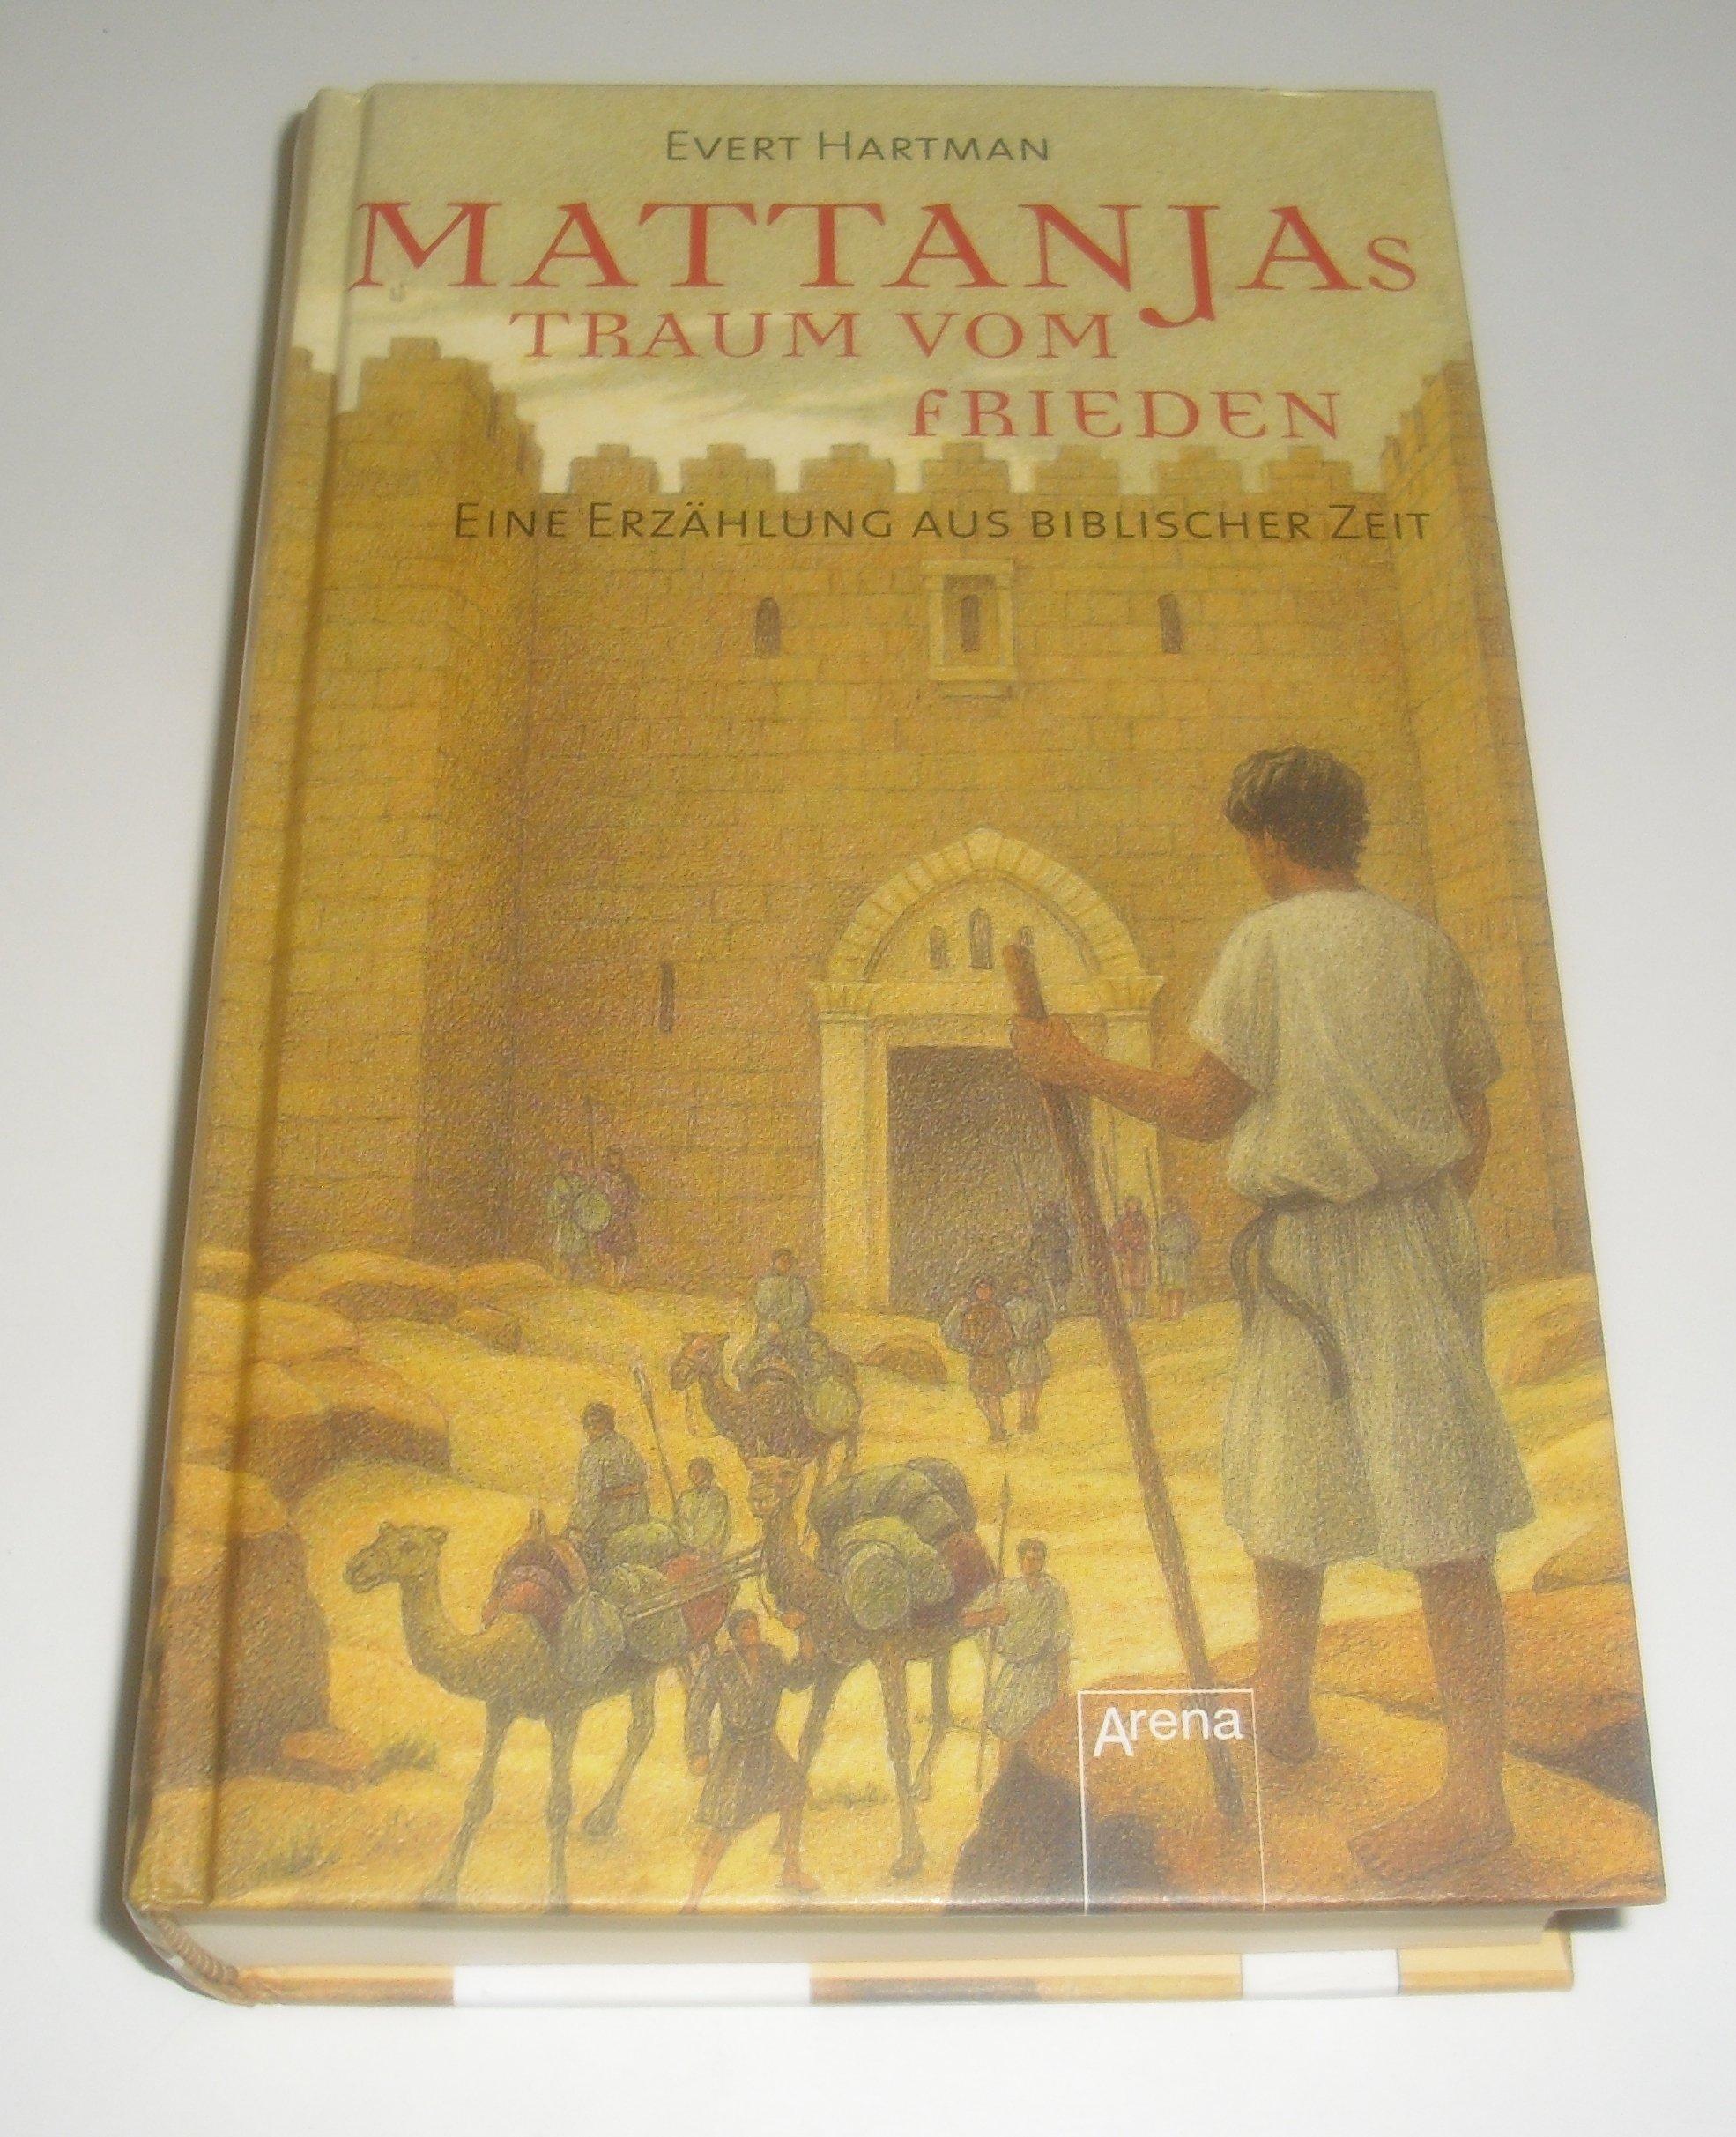 Mattanjas Traum vom Frieden: Eine Erzählung aus biblischer Zeit